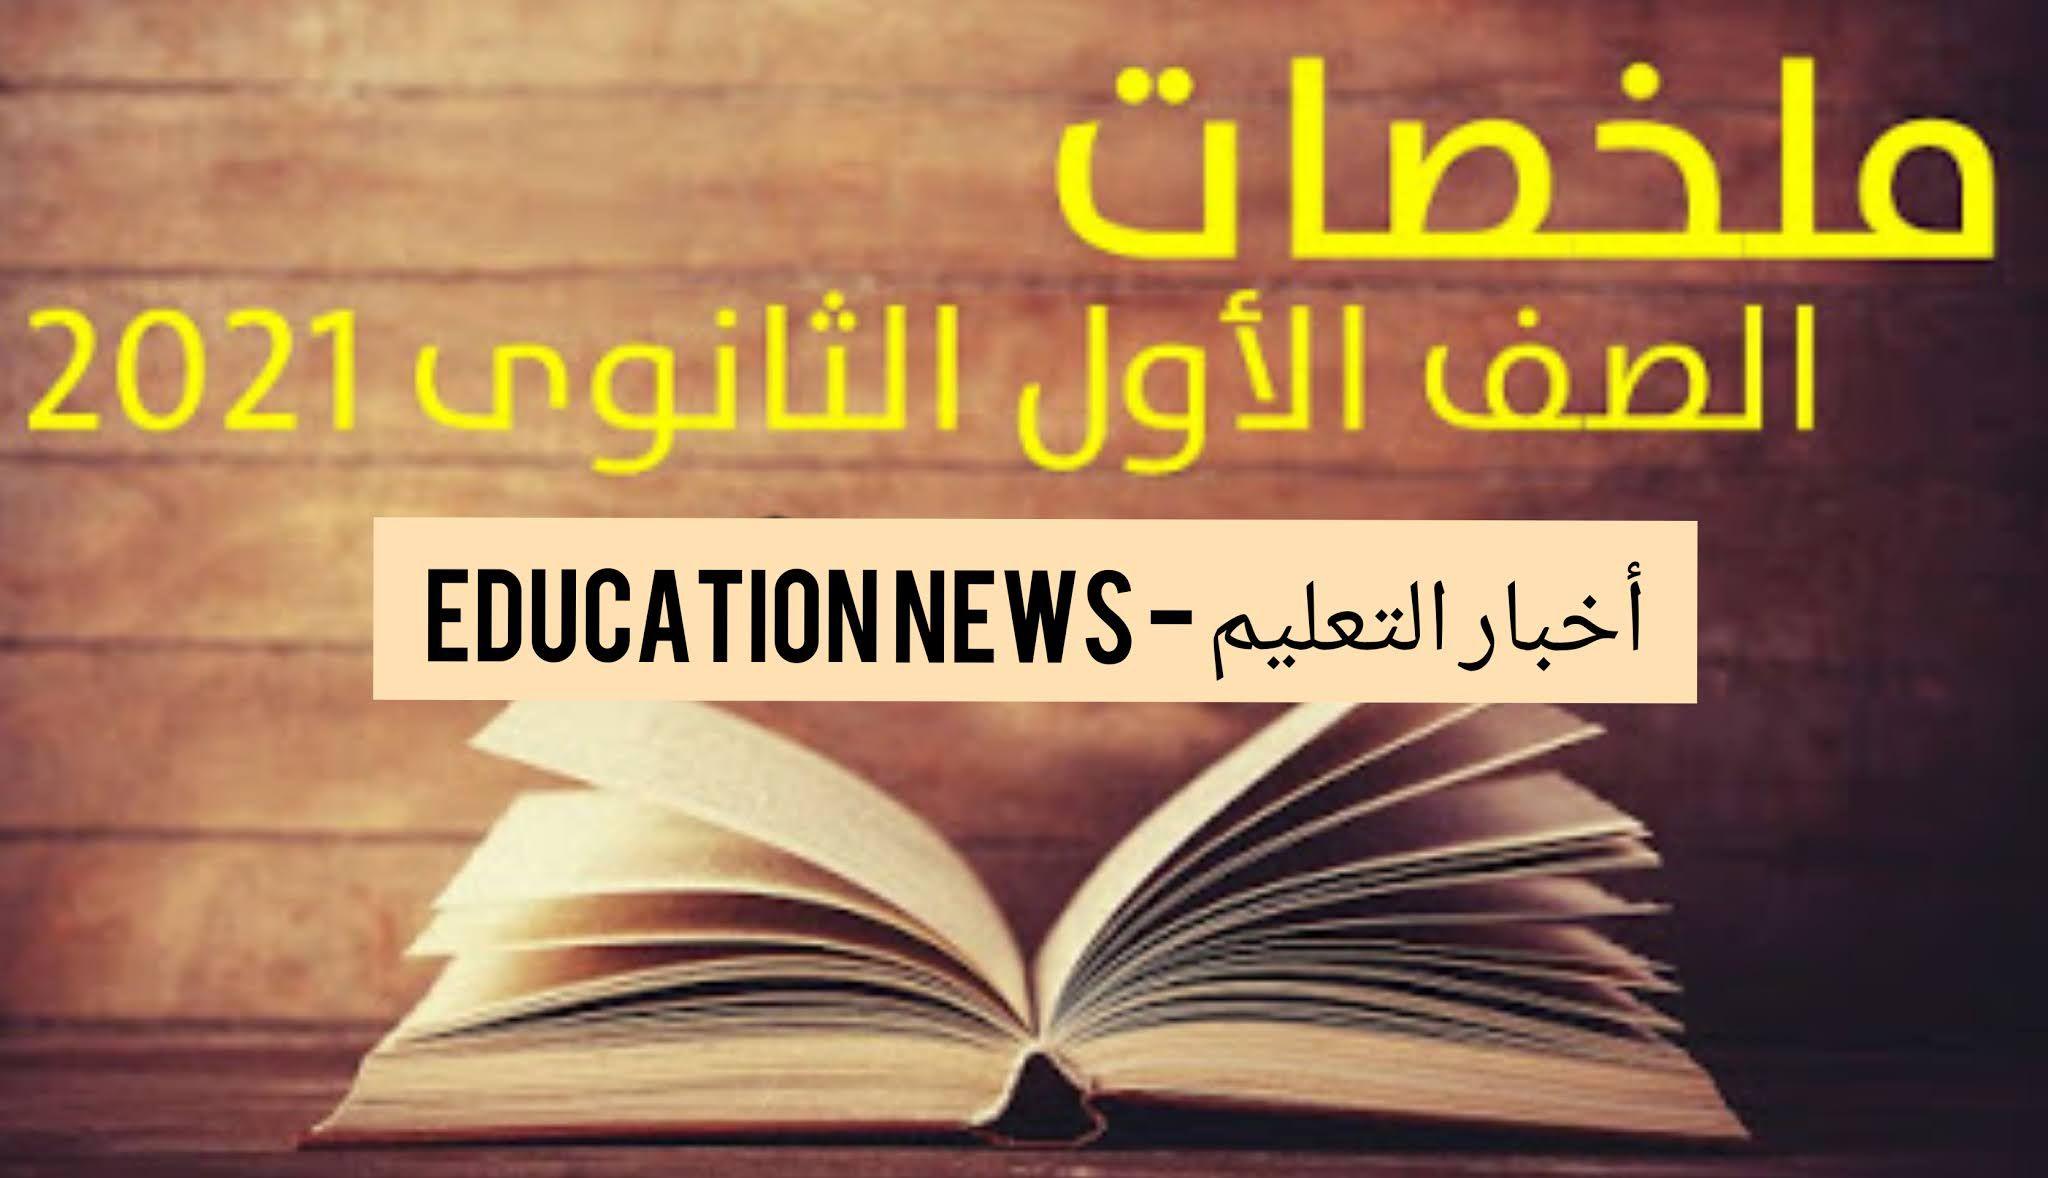 أخبار التعليم Education News تحميل جميع ملخصات الصف الاول الثانوي الترم الاول20 Movie Posters Movies